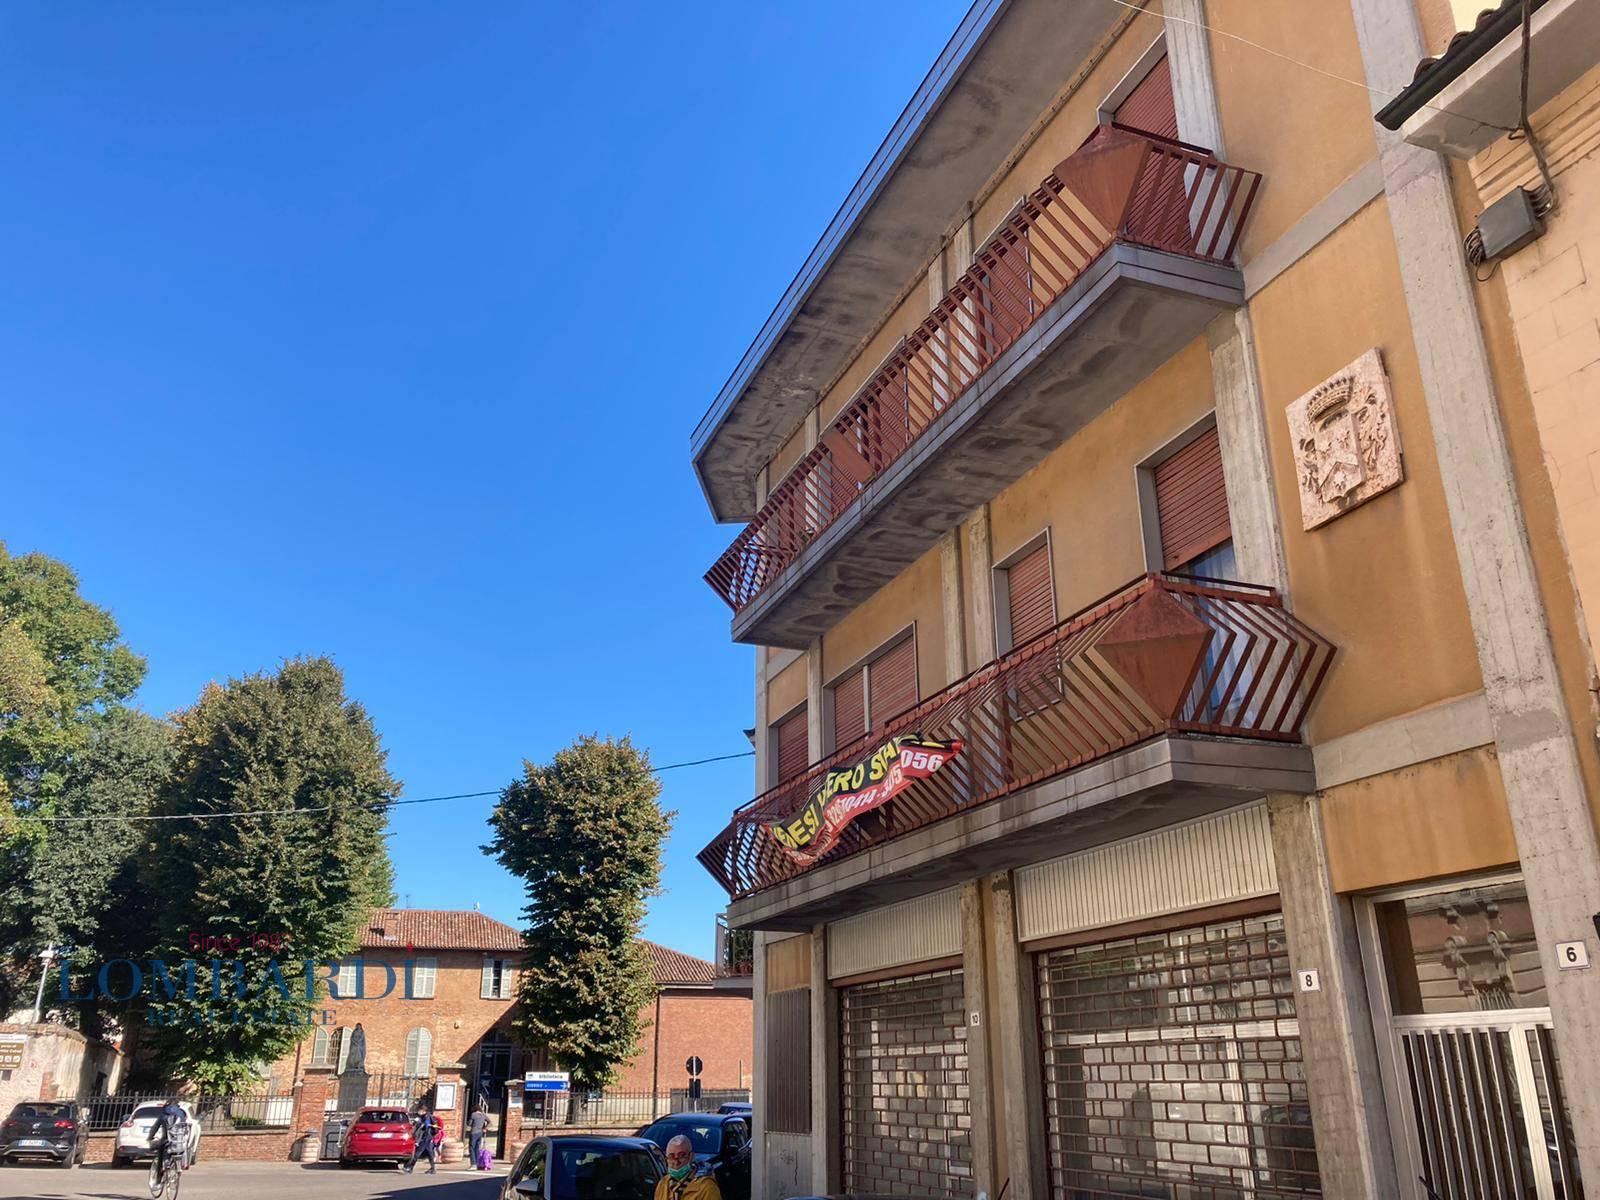 Palazzo / Stabile in vendita a Gropello Cairoli, 9999 locali, prezzo € 330.000   CambioCasa.it